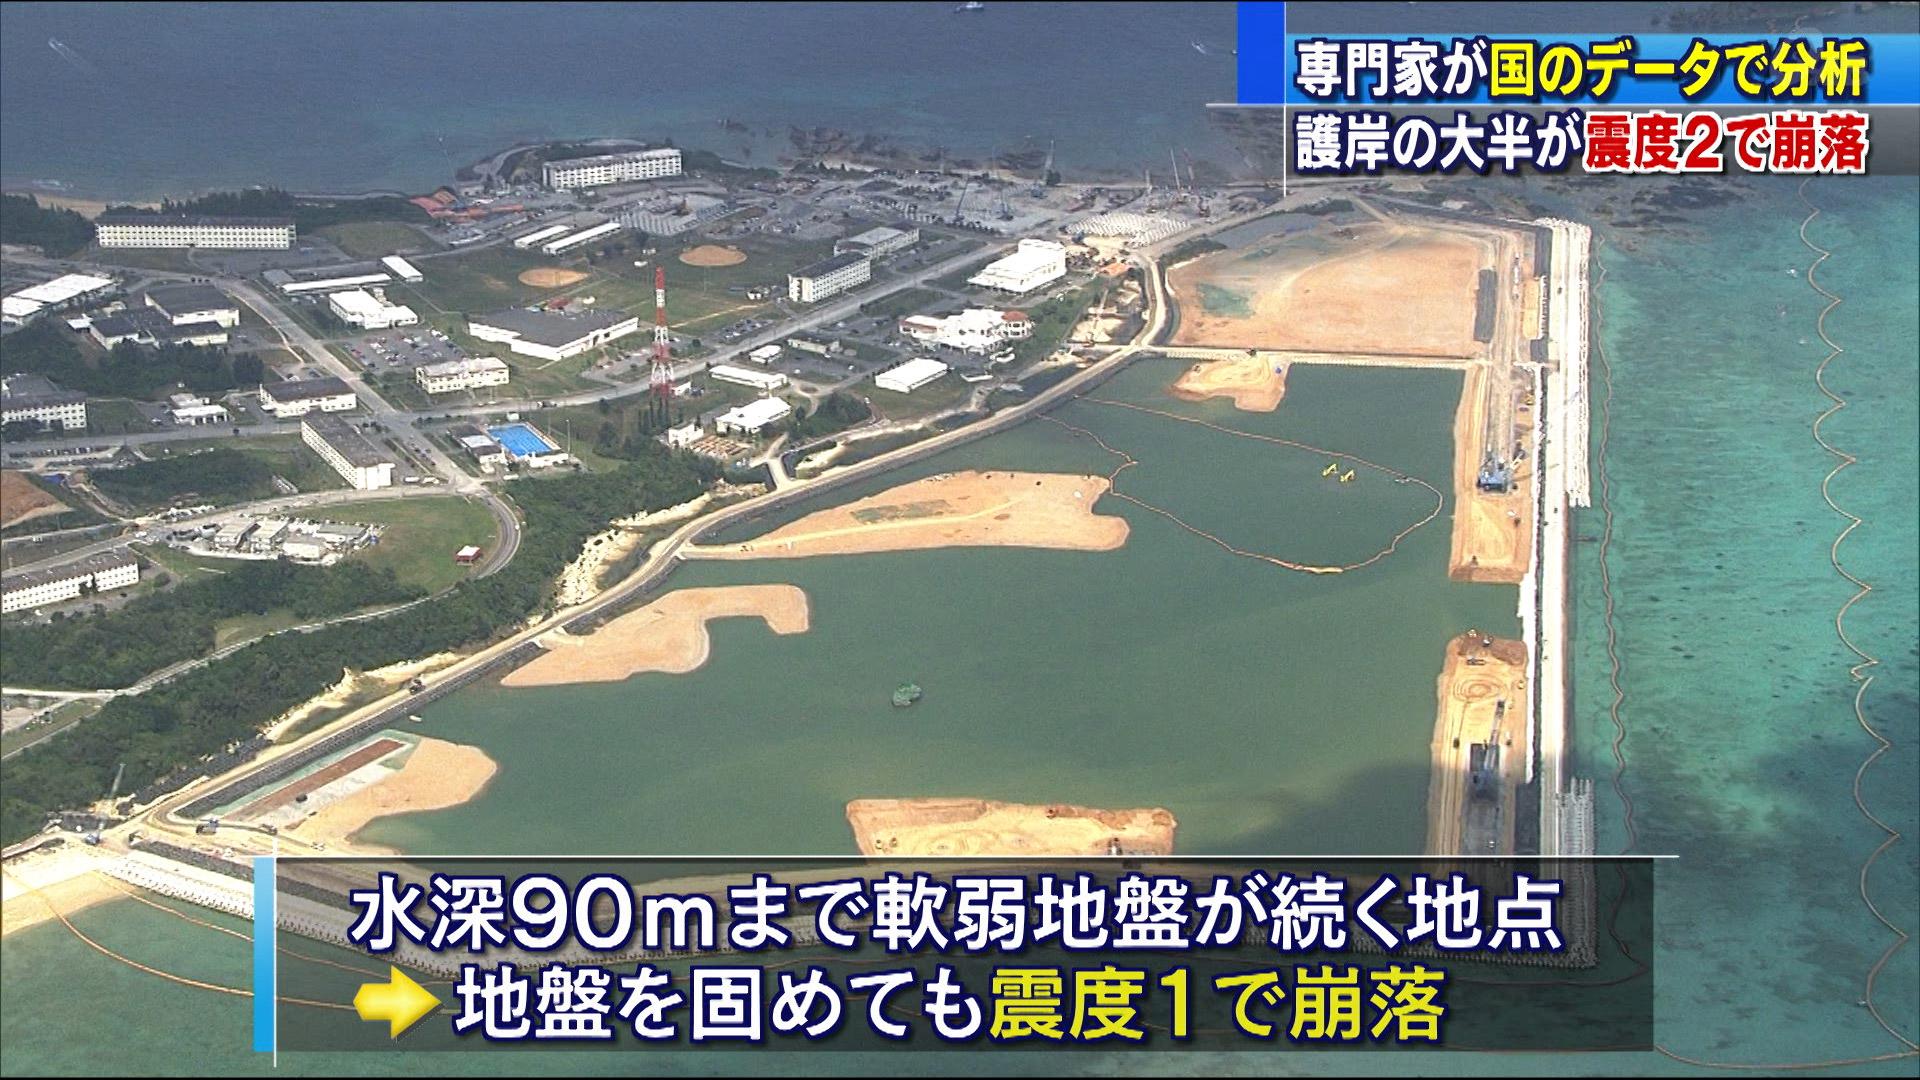 震度2で大浦湾側にある護岸の大半が崩落